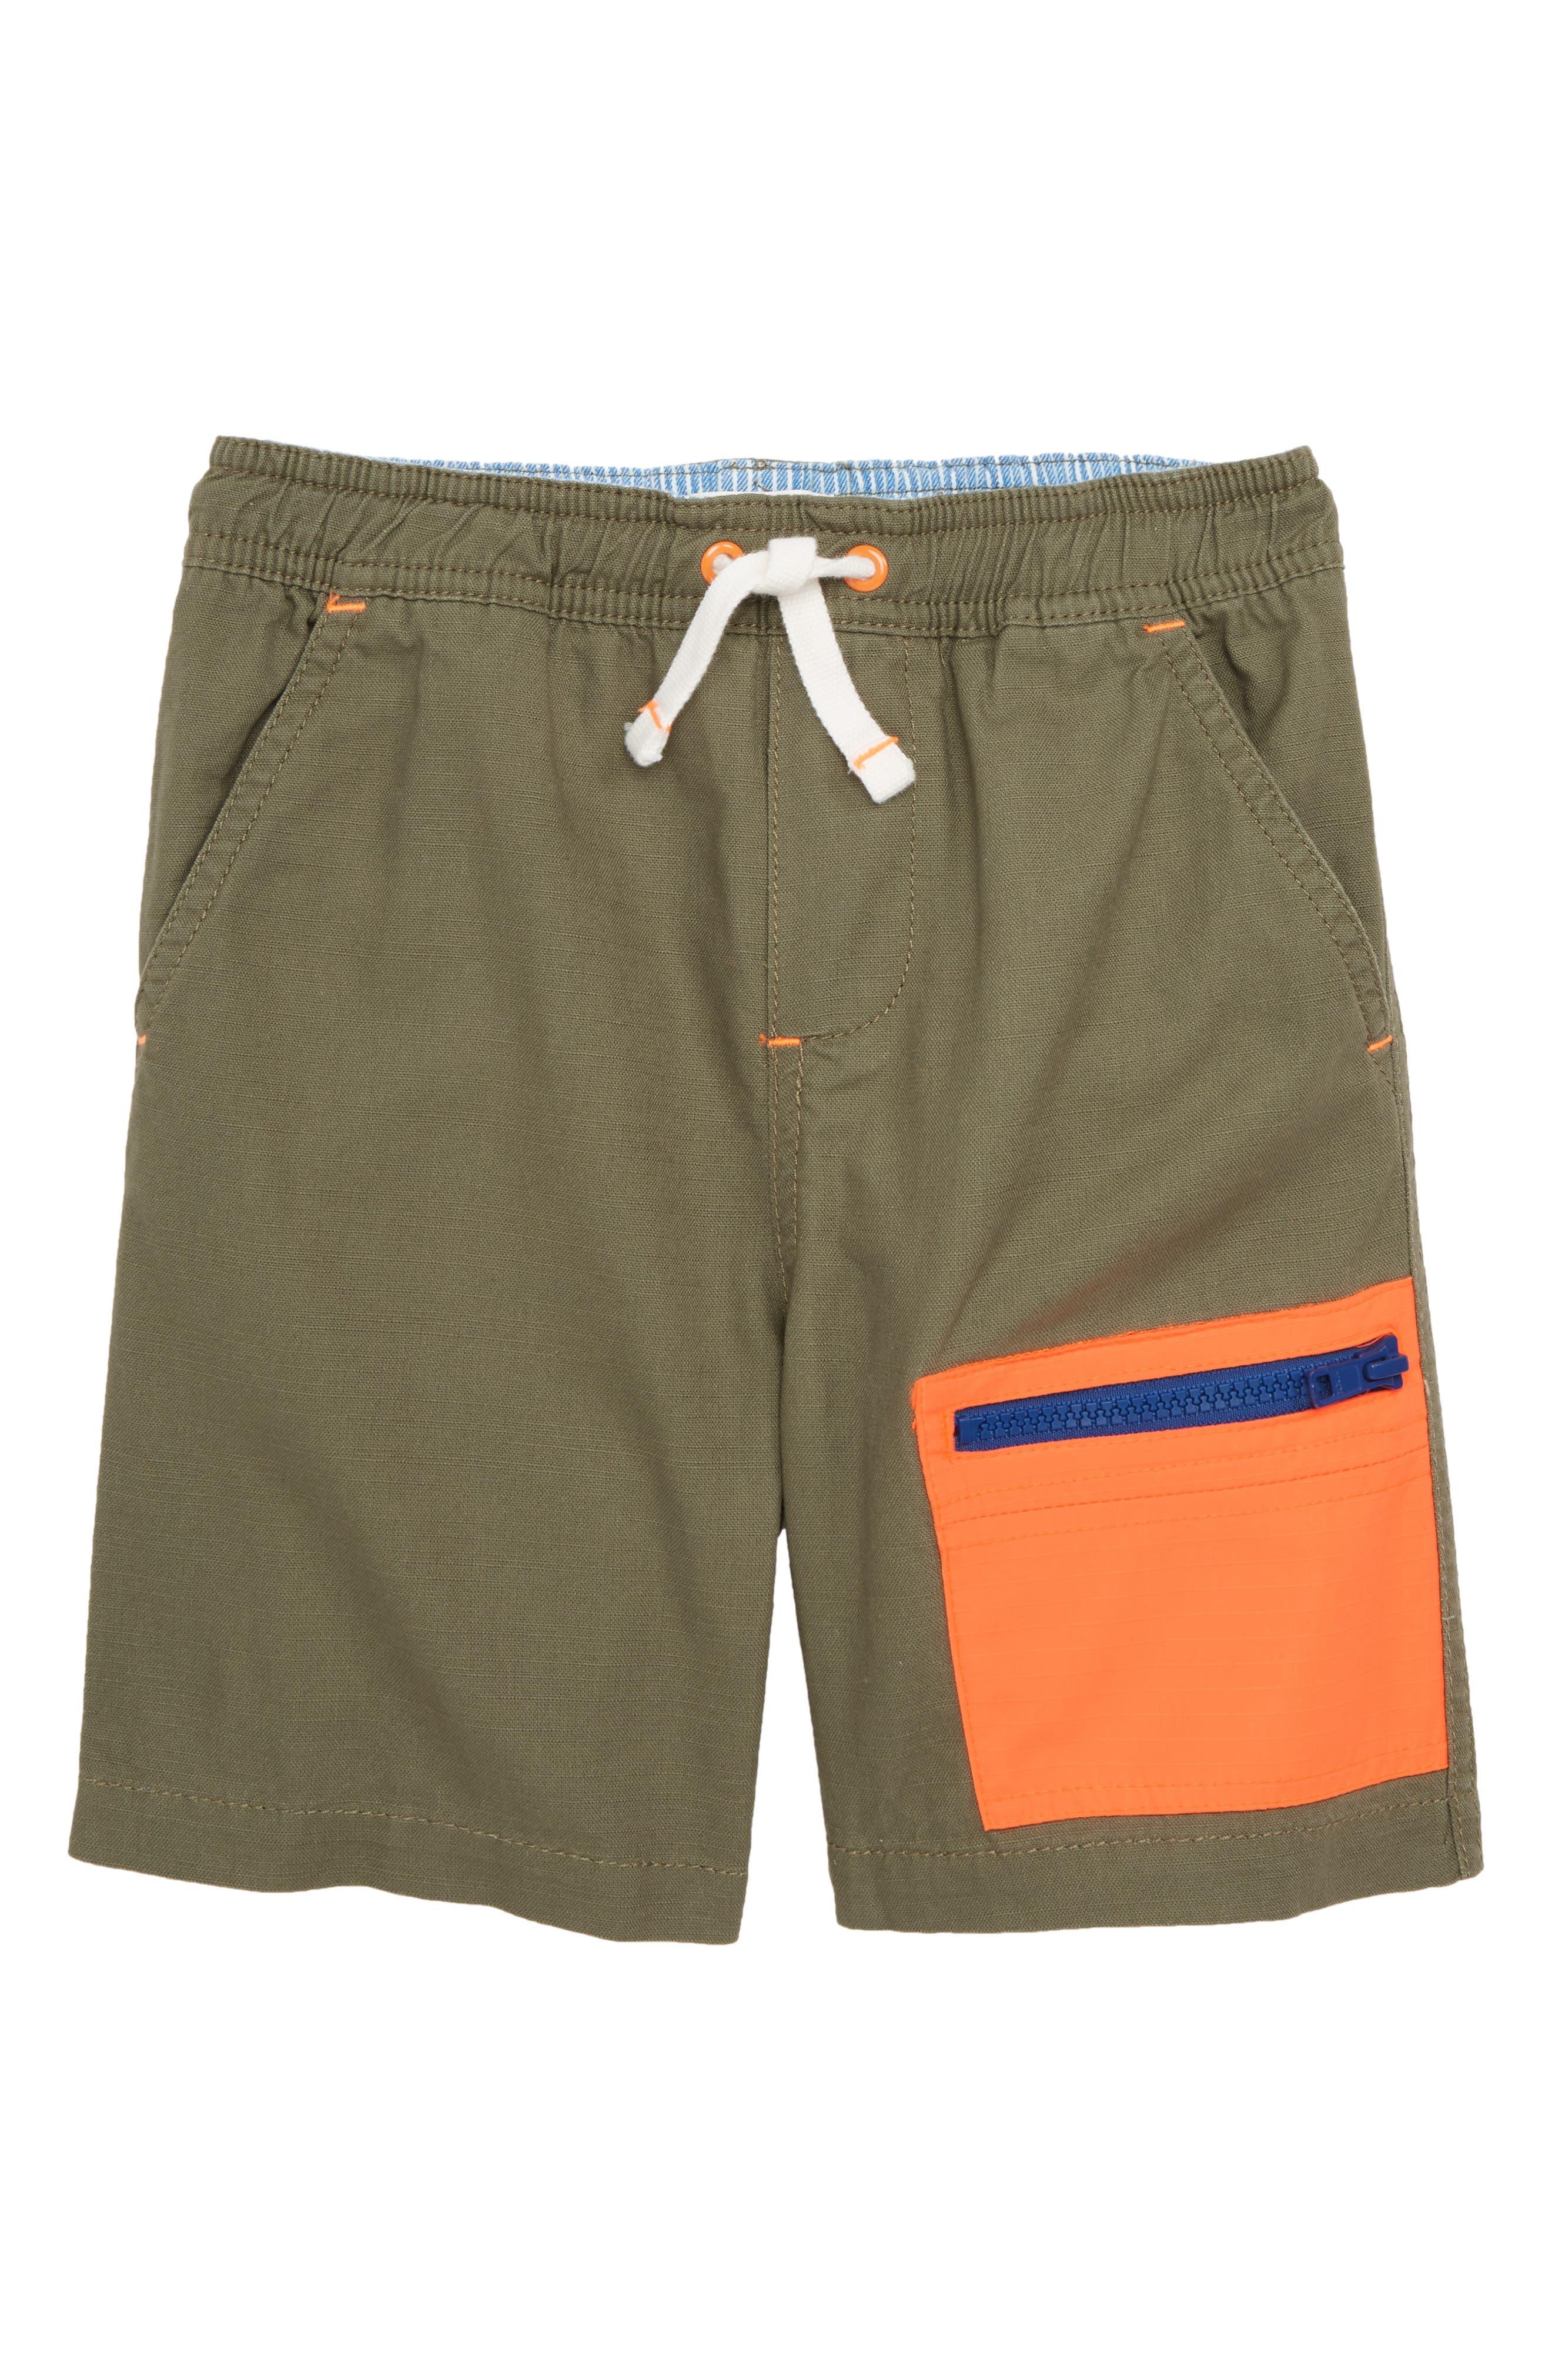 MINI BODEN Colorblock Shorts, Main, color, 304